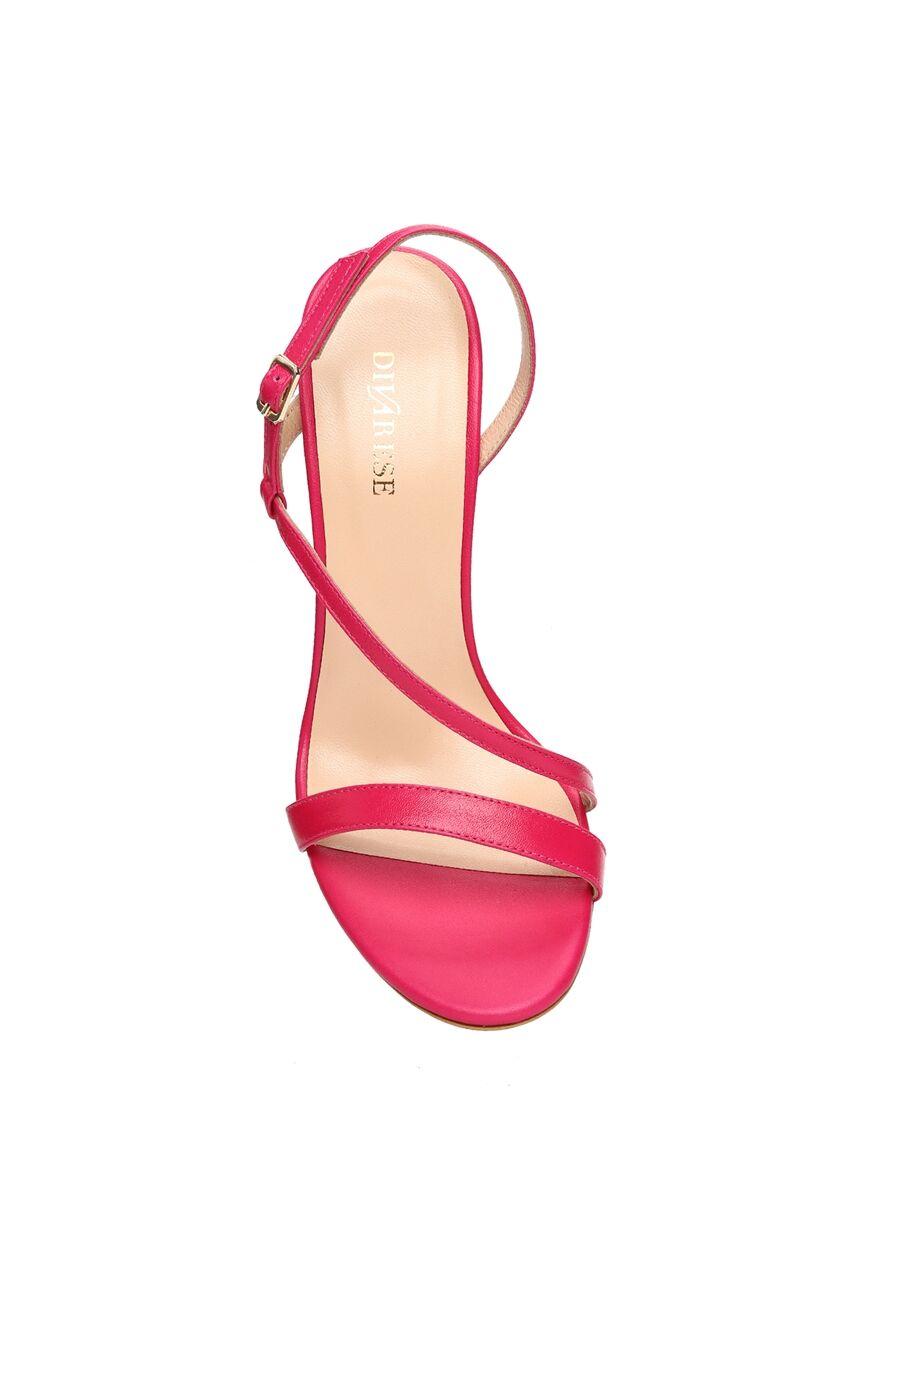 Fuşya Kadın Sandalet